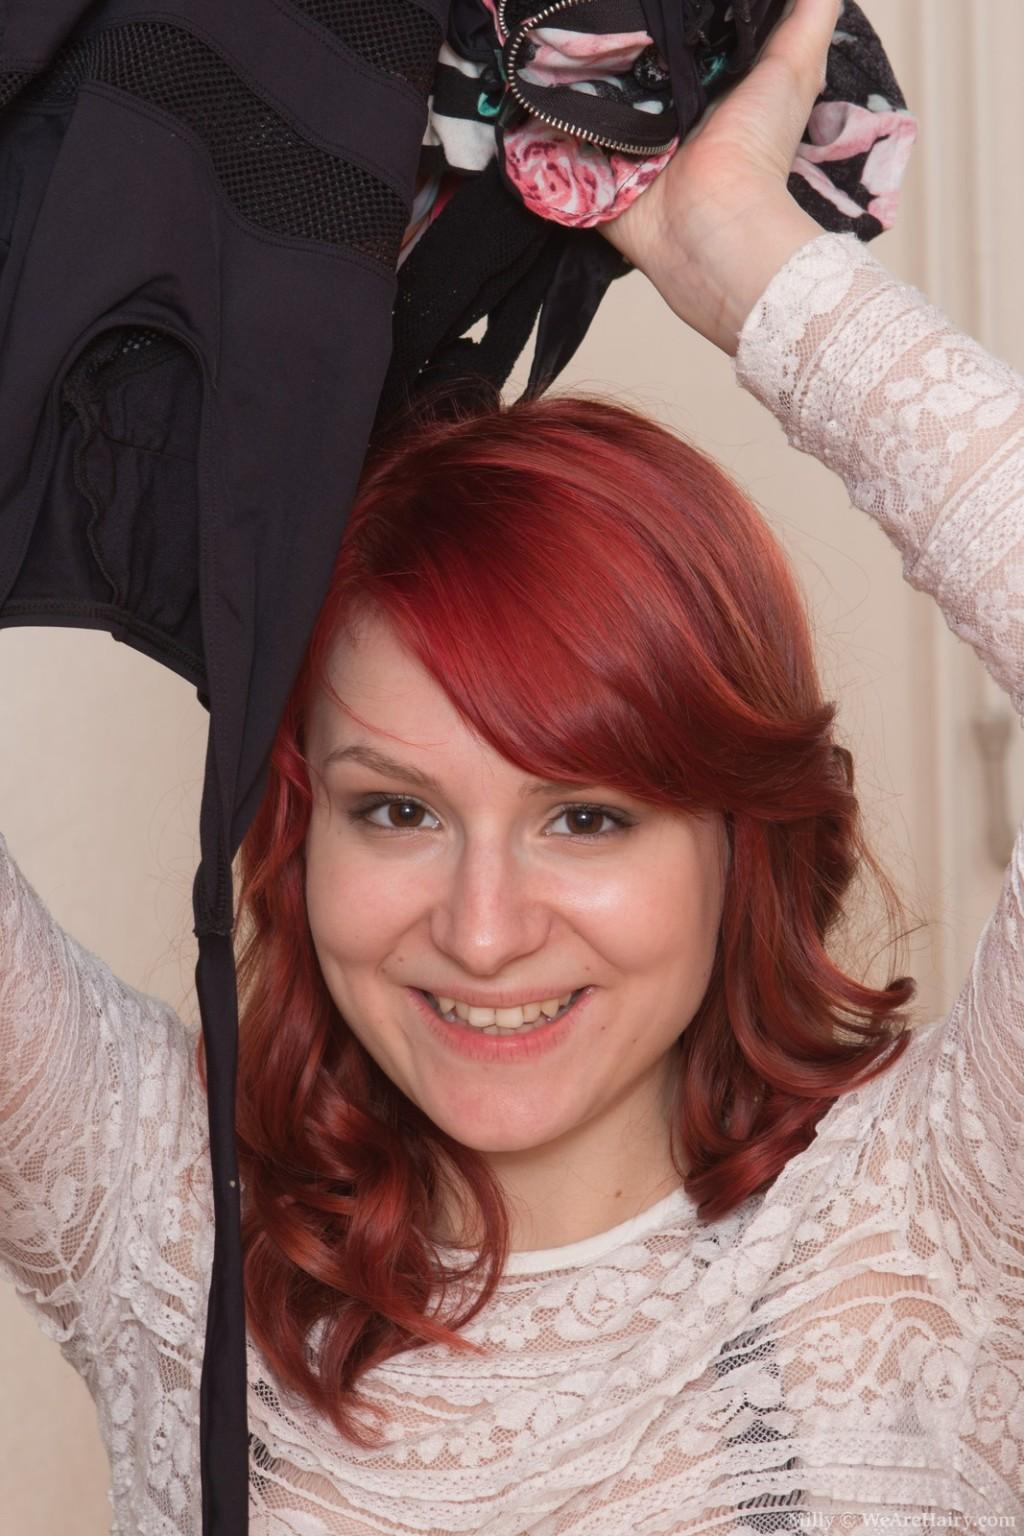 Рыжая сучка разделась в прихожей до гола